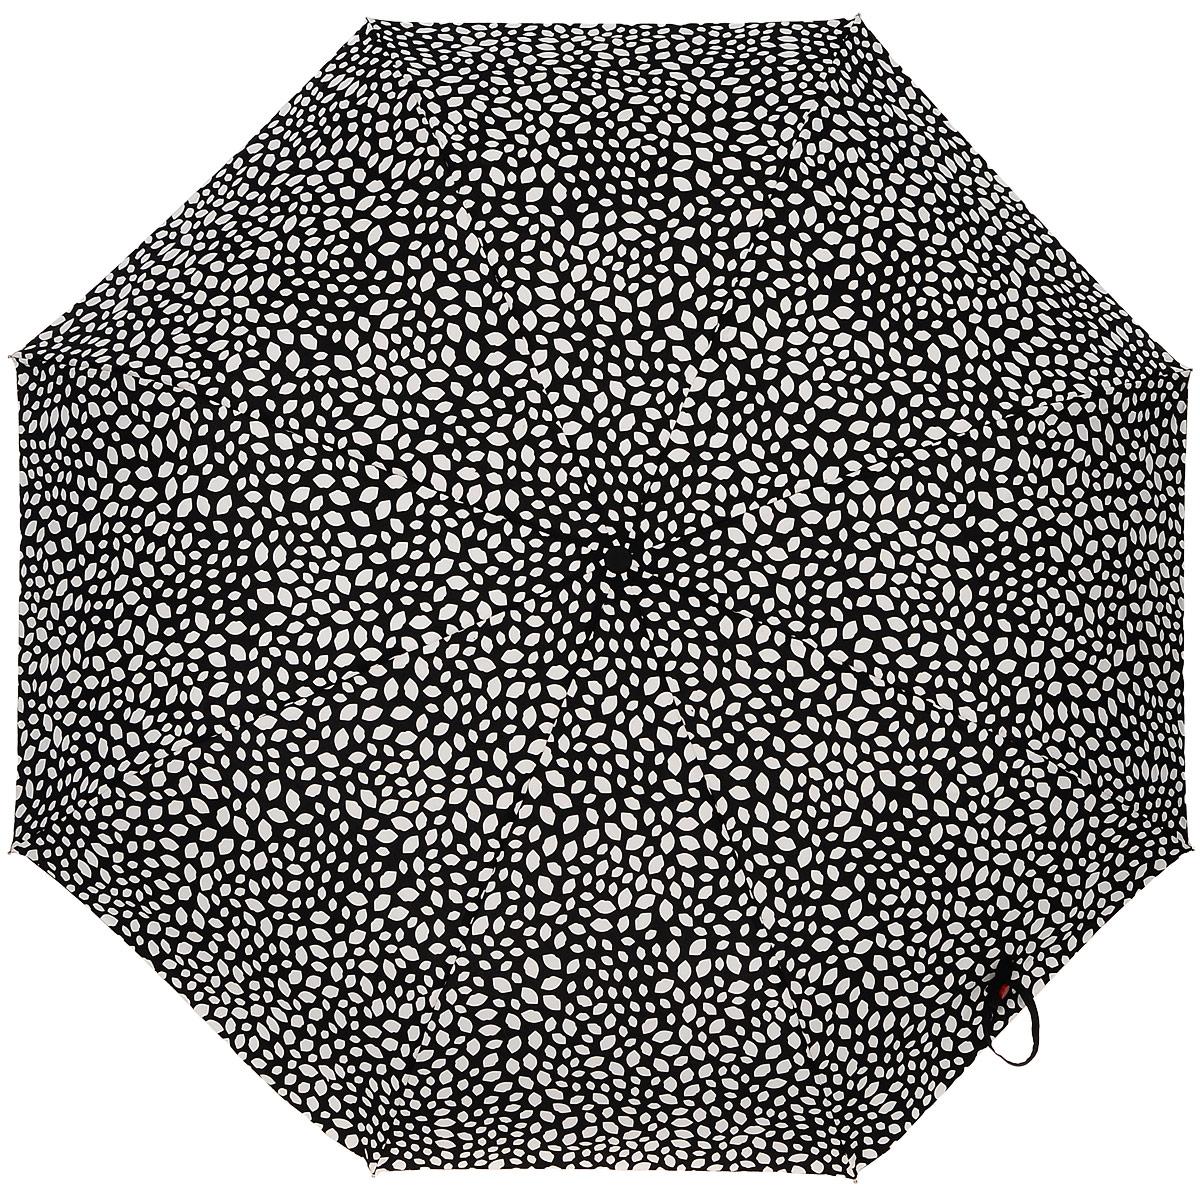 Зонт женский Lulu Guinness Superlite, механический, 3 сложения, цвет: черный, белый. L781-3149L781-3149 WaterReactiveLipsСтильный механический зонт Lulu Guinness Superlite в 3 сложения даже в ненастную погоду позволит вам оставаться элегантной. Облегченный каркас зонта выполнен из 8 спиц из фибергласса и алюминия, стержень также изготовлен из алюминия, удобная рукоятка - из пластика. Купол зонта выполнен из прочного полиэстера. В закрытом виде застегивается хлястиком на кнопке. Яркий оригинальный принт в виде изображения губ поднимет настроение в дождливый день. Зонт механического сложения: купол открывается и закрывается вручную до характерного щелчка. На рукоятке для удобства есть небольшой шнурок, позволяющий надеть зонт на руку тогда, когда это будет необходимо. К зонту прилагается чехол с небольшой нашивкой с названием бренда. Такой зонт компактно располагается в кармане, сумочке, дверке автомобиля.